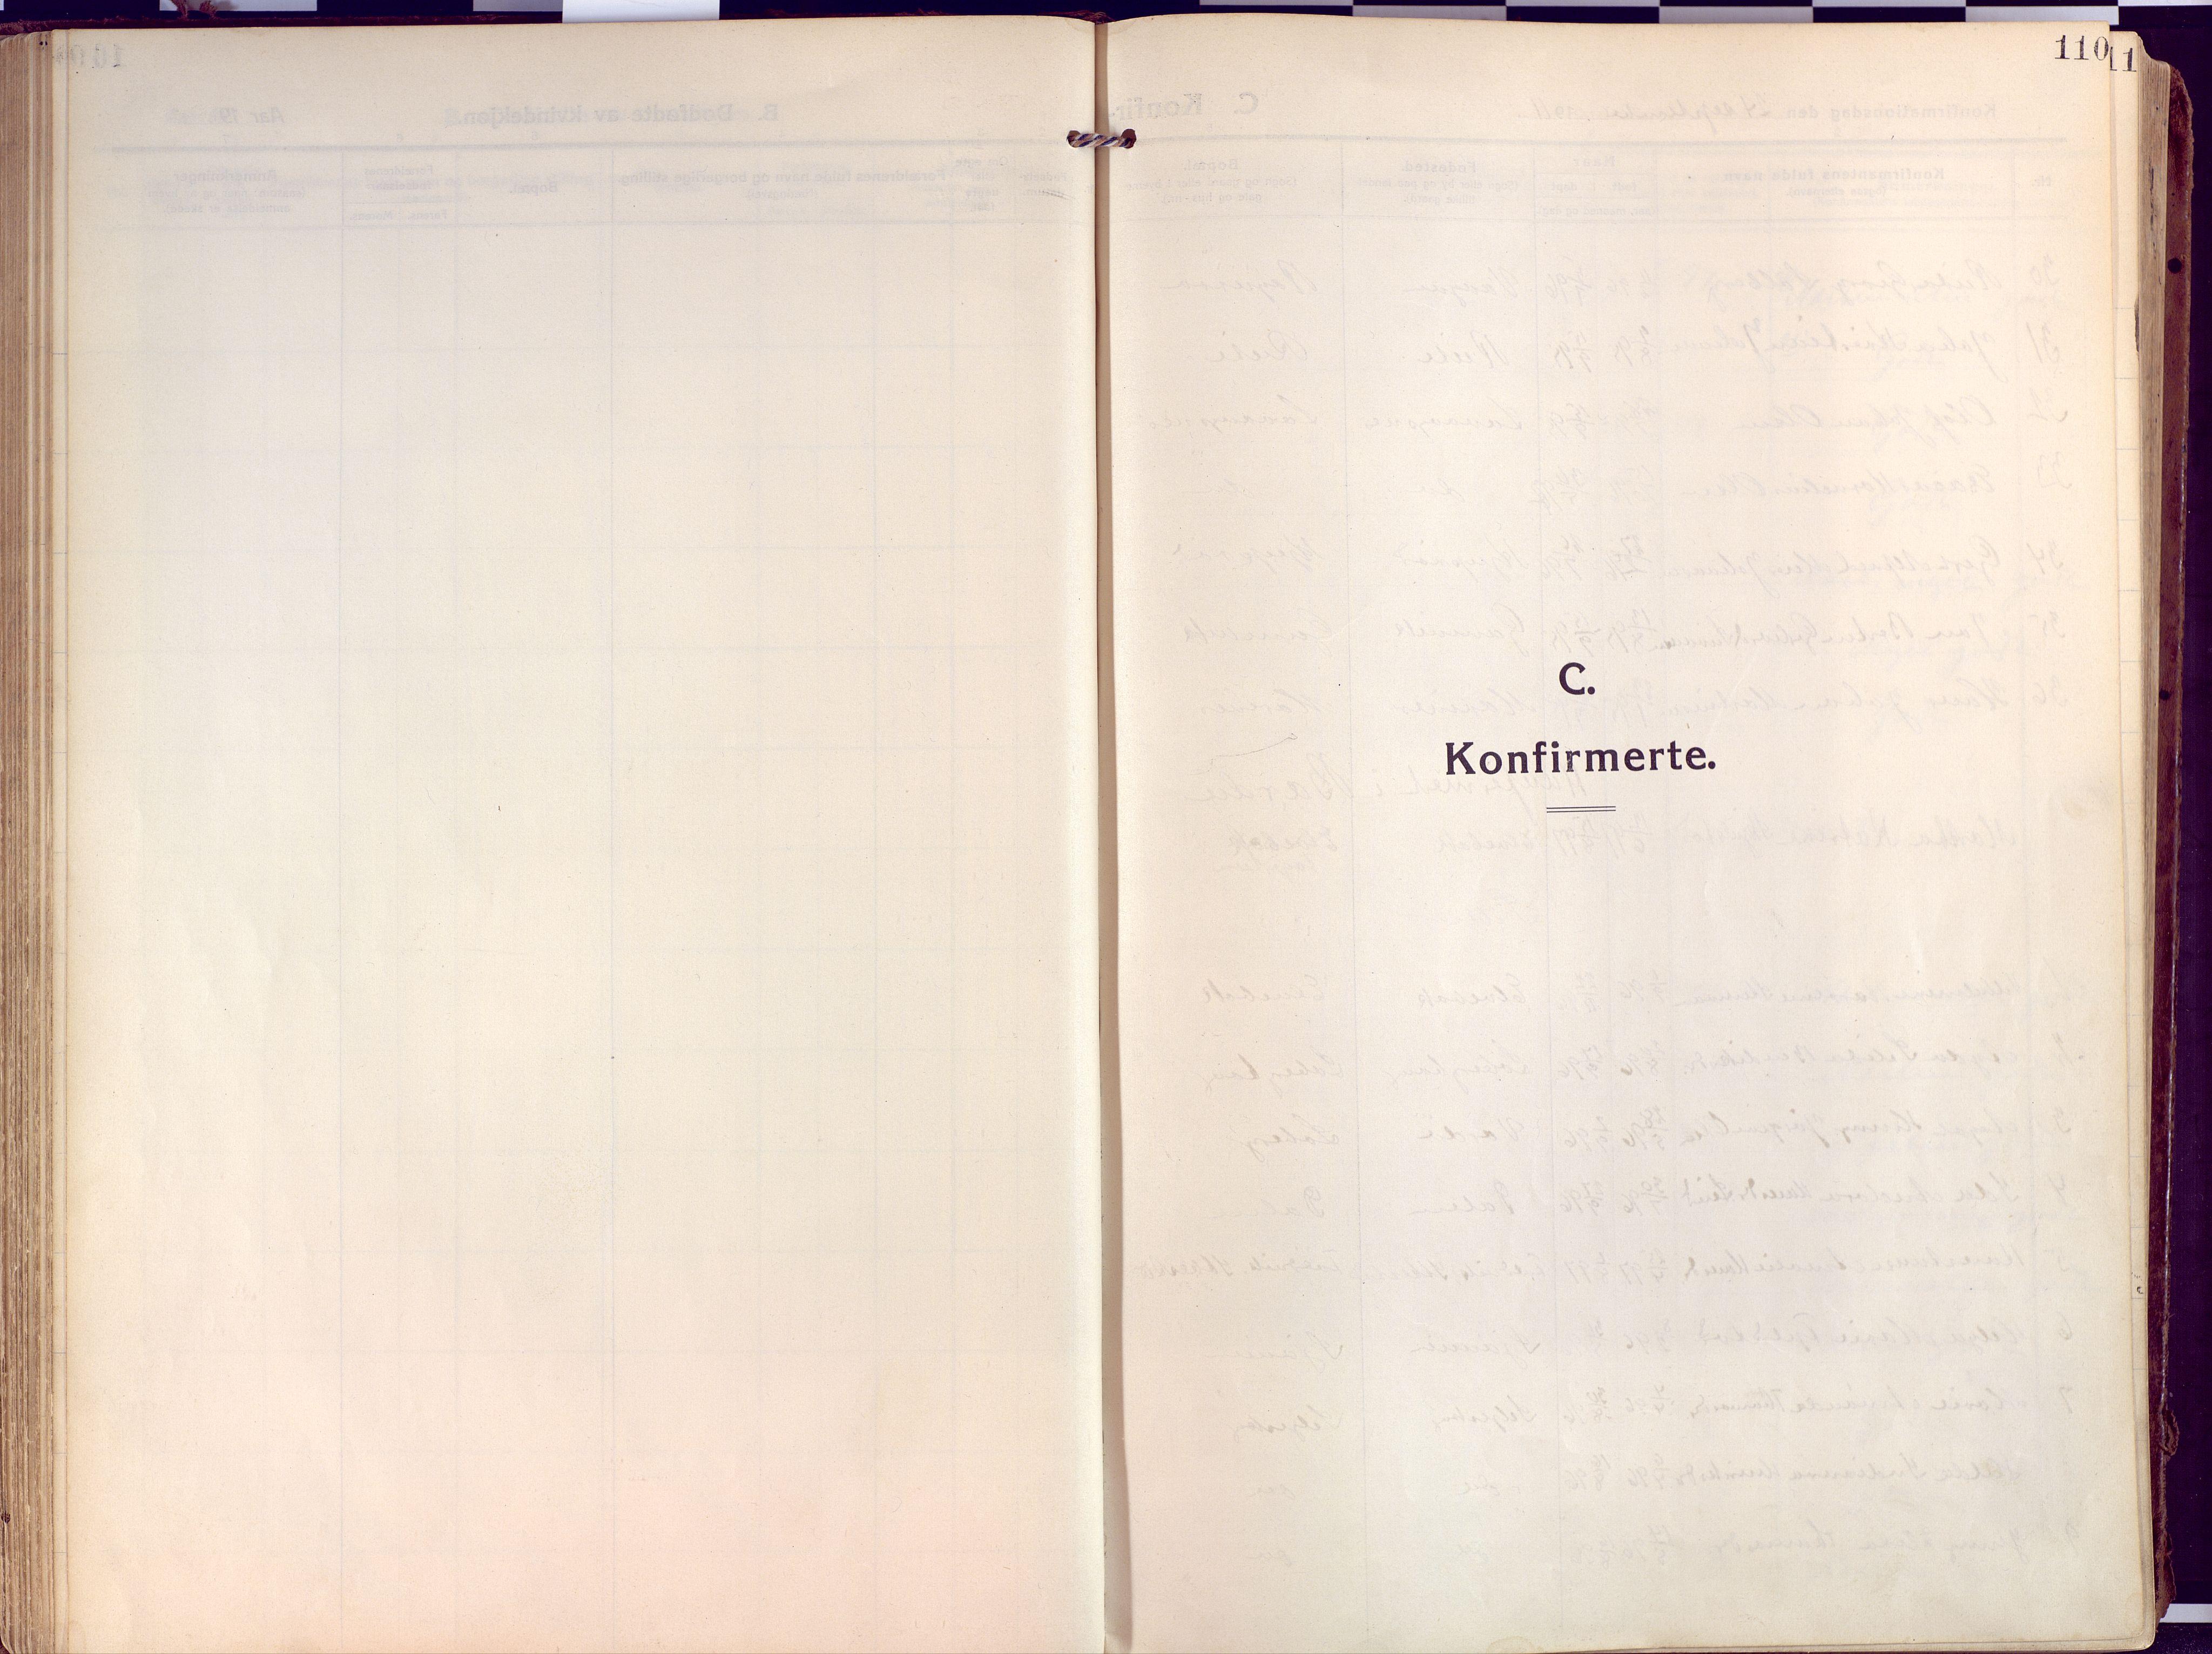 SATØ, Salangen sokneprestembete, H/Ha/L0004kirke: Ministerialbok nr. 4, 1912-1927, s. 110